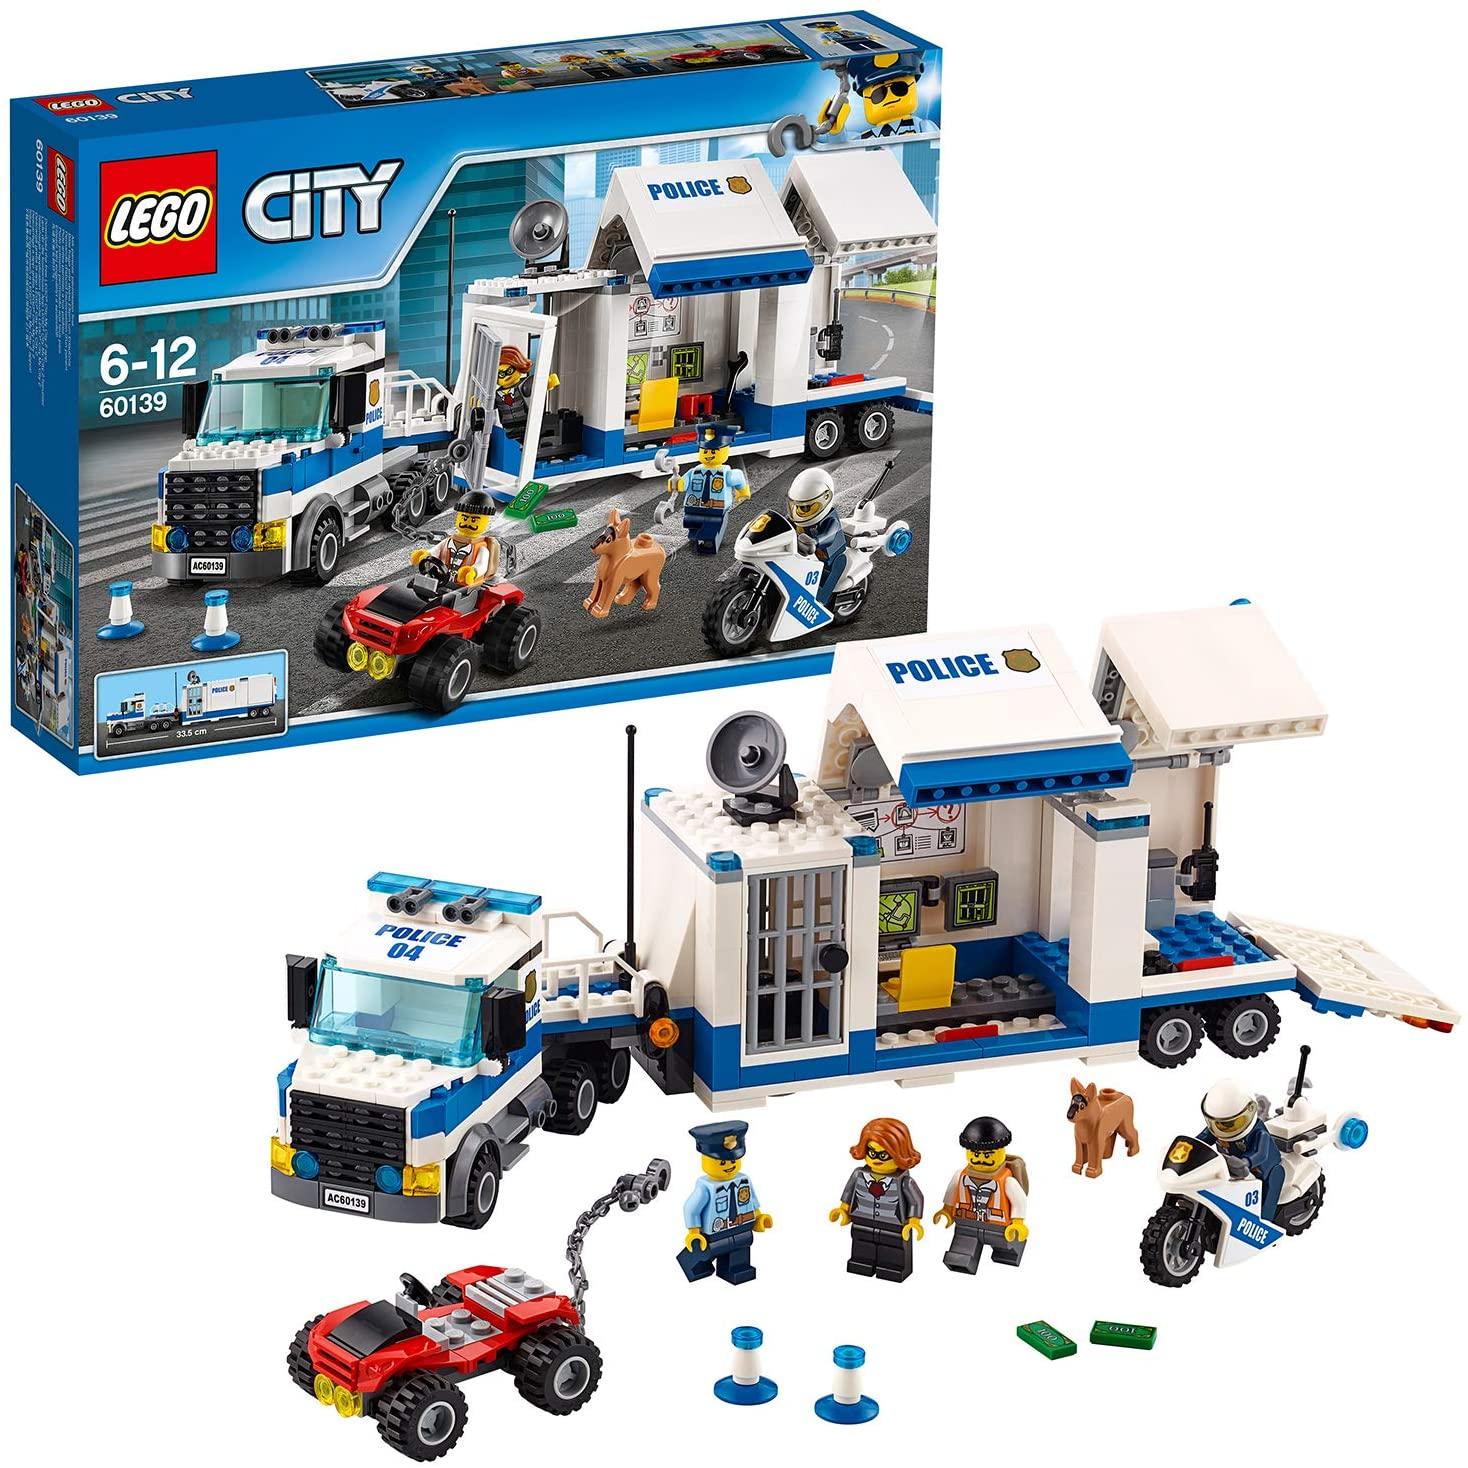 [LEGO] Centro de Control Móvil